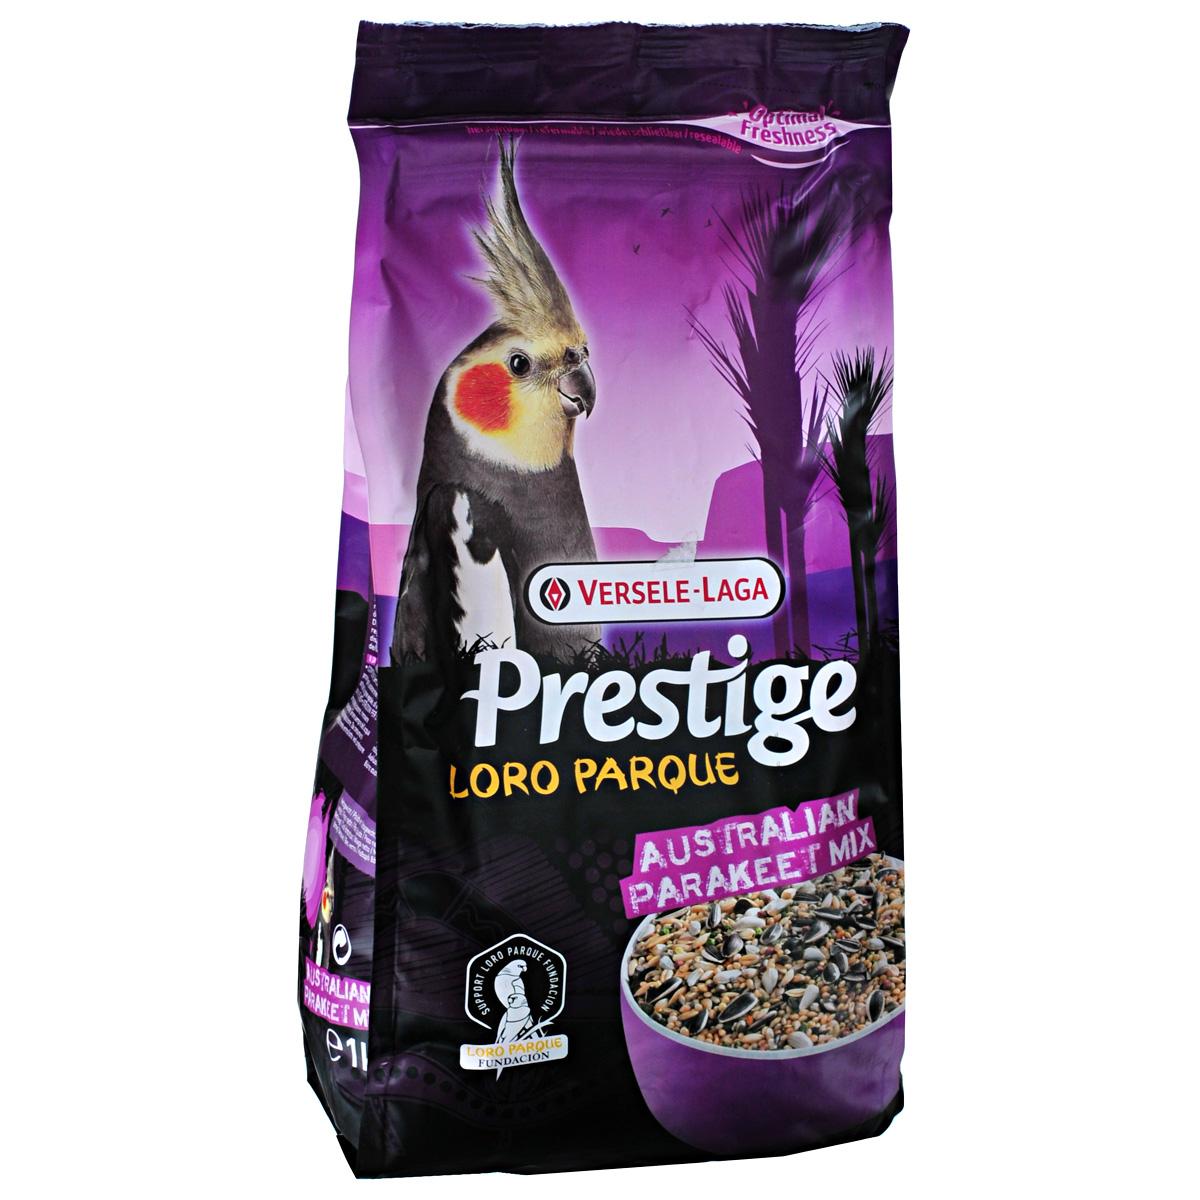 Корм для средних австралийских попугаев Versele-Laga Australian Parakeet, 1 кг421970Смесь для средних австралийских попугаев Versele-Laga Australian Parakeet изготавливается только из высококачественных семян, которыми данный вид птиц питается в природе. Данная смесь представляет собой полноценный корм, обогащенный гранулами ВАМ (витамины, аминокислоты и минералы) для поддержания превосходного здоровья попугаев. Данная адаптированная специально для австралийских средних попугаев смесь была разработана совместно с группой ученых из Лоро Парка (остров Тенерифе), где эта смесь успешно используется в качестве основного корма для всех австралийских средних попугаев и попугаев корелла. Коллекция Лоро Парка включает в себя 3 тысячи попугаевых (300 особей) и представляет собой самую большую коллекцию попугаев в мире. Кроме того, смесь Australian Parakeet Loro Parque Mix обогащена: - витаминами К, Б1, Б2, Б6, Б12, С, ПП, фолиевой кислотой, биотином и холином. - Минералами: натрием, магнием и калием. - Микроэлементами: железом, медью, марганцем,...